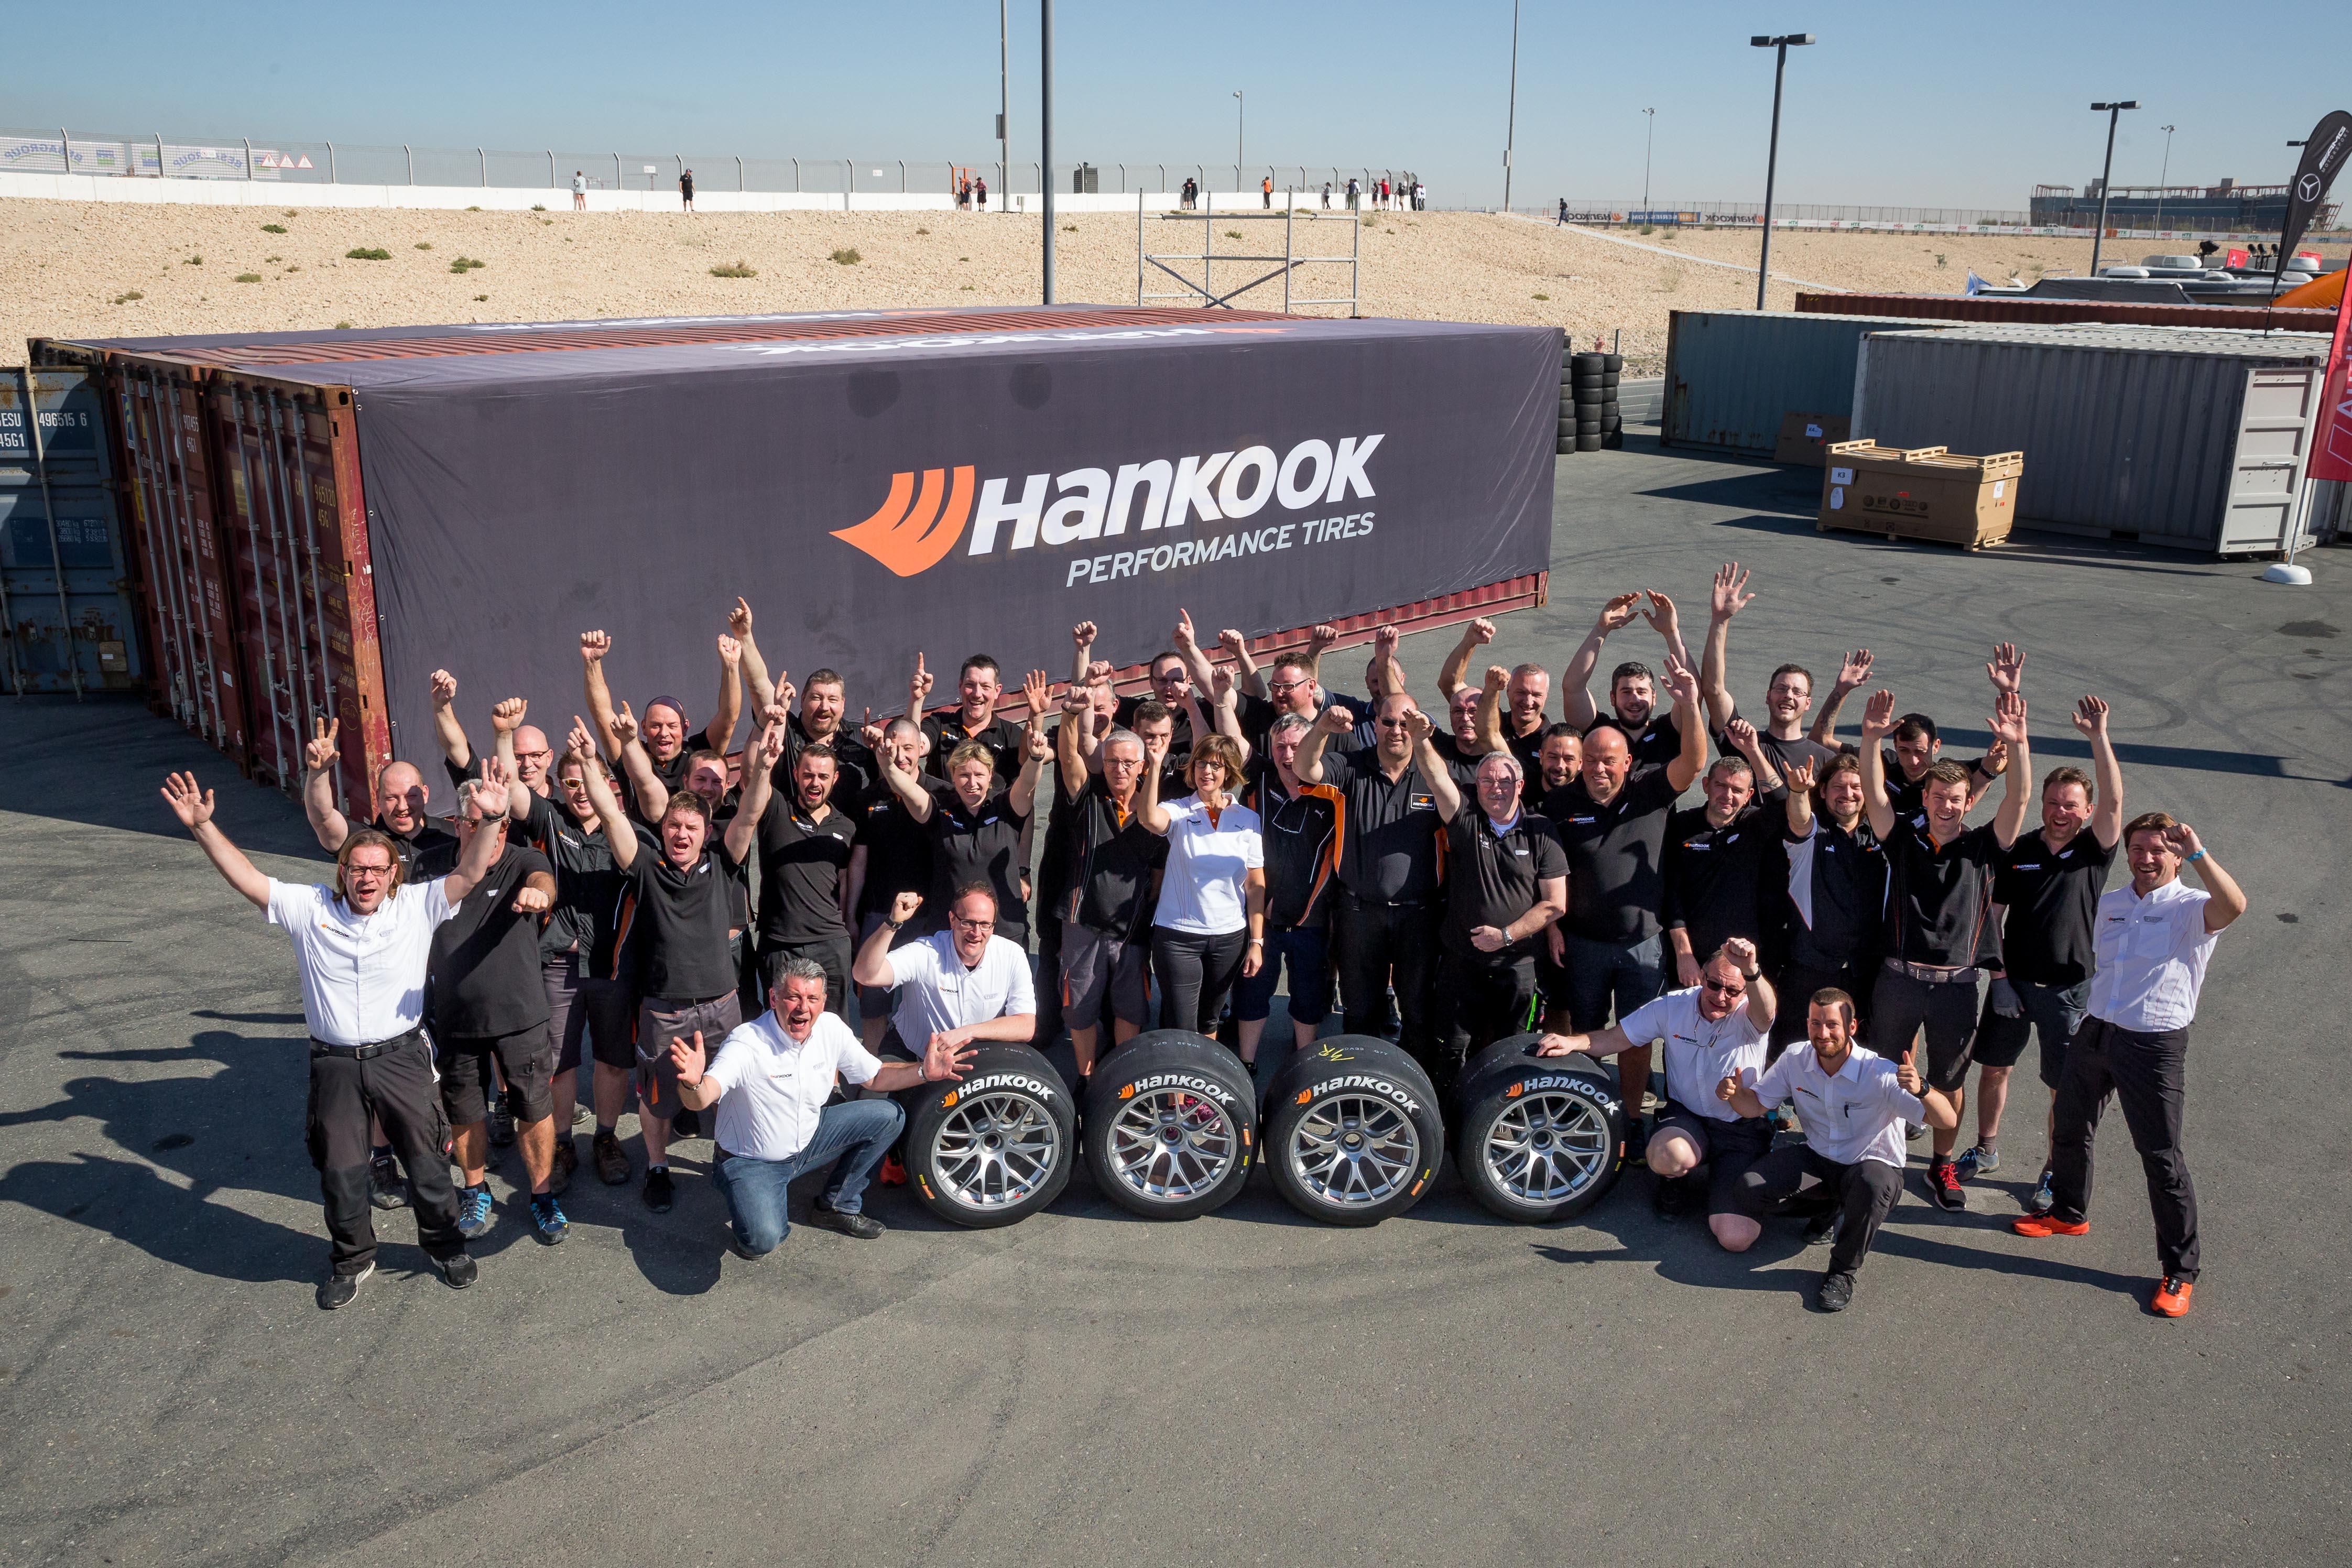 Hankook открывает автоспортивный сезон в Дубае